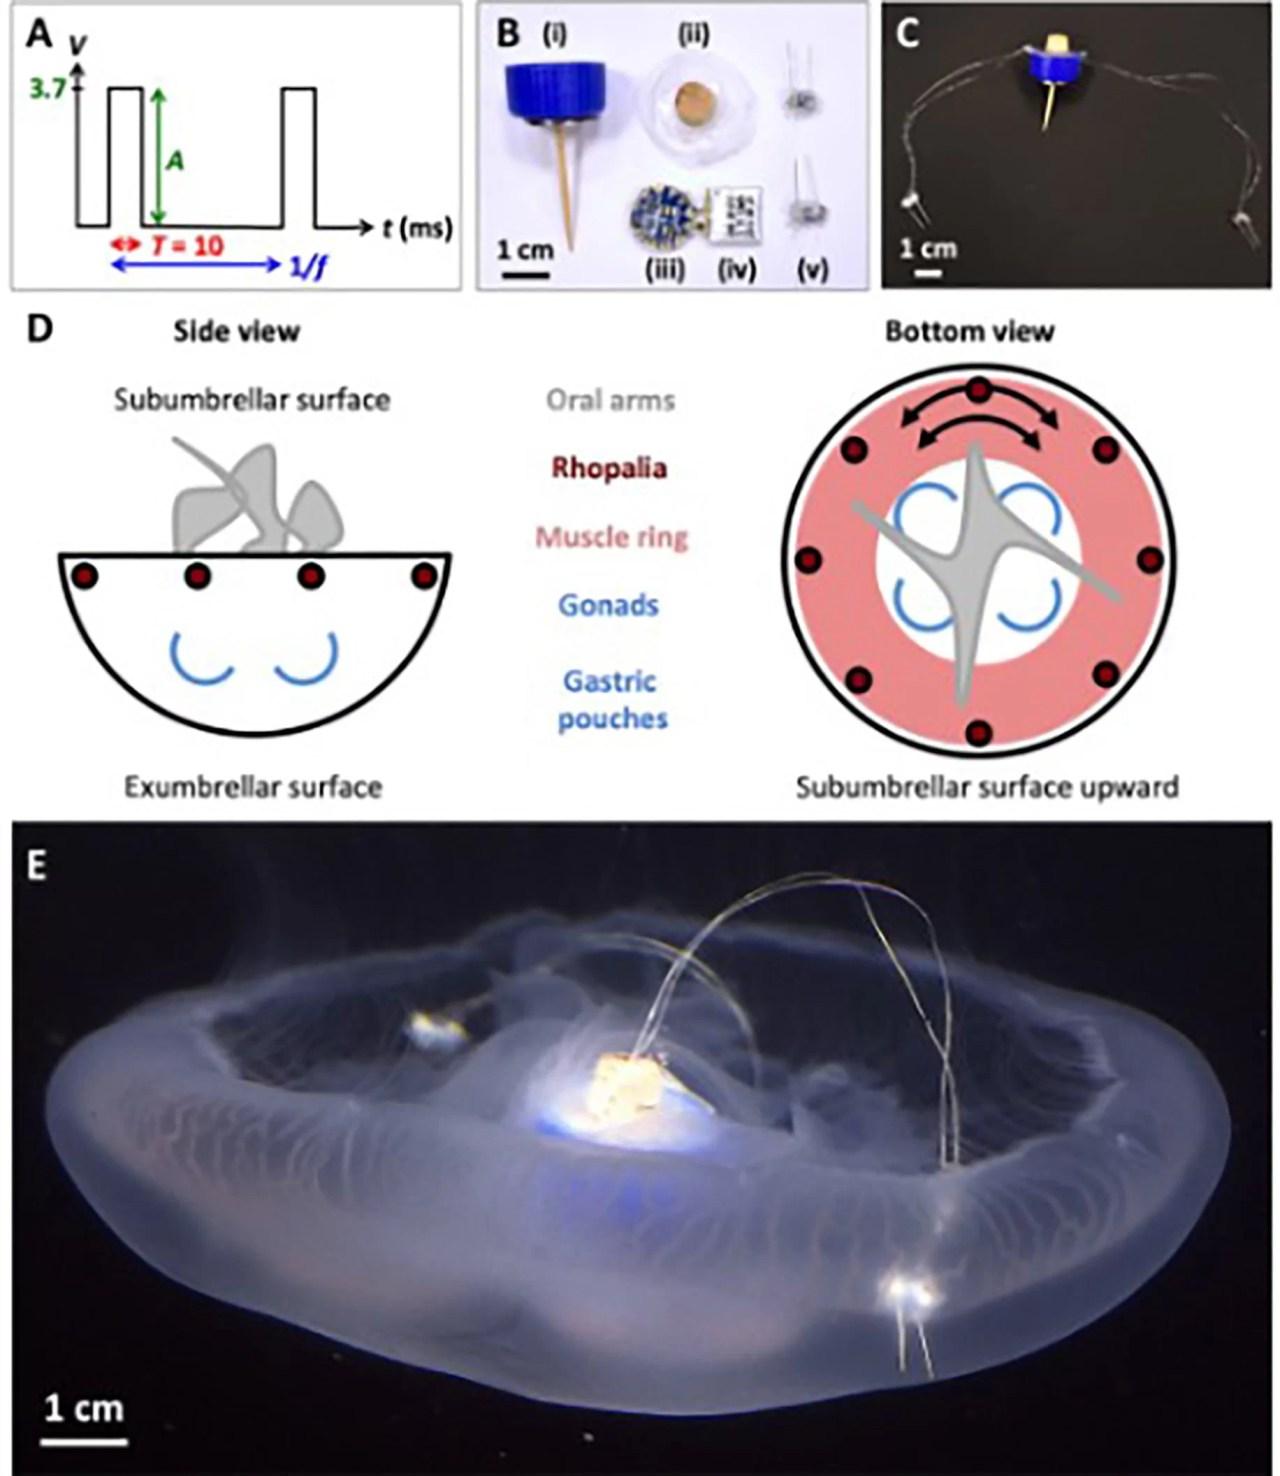 Figuras do documento mostrando como os cientistas transformaram água viva em um ciborgue.  Na imagem é possível observar os componentes do controlador e a construção concluída. (i) a tampa e o pino de madeira, (ii) é uma chumbada de cortiça e aço inoxidável para manter o gabinete flutuante, (iii) é um microprocessador com uma (iv) bateria conectada e (v) são dois eletrodos com LEDs. Captura de tela : Wu e Dabiri  (Science Advances, 2020)